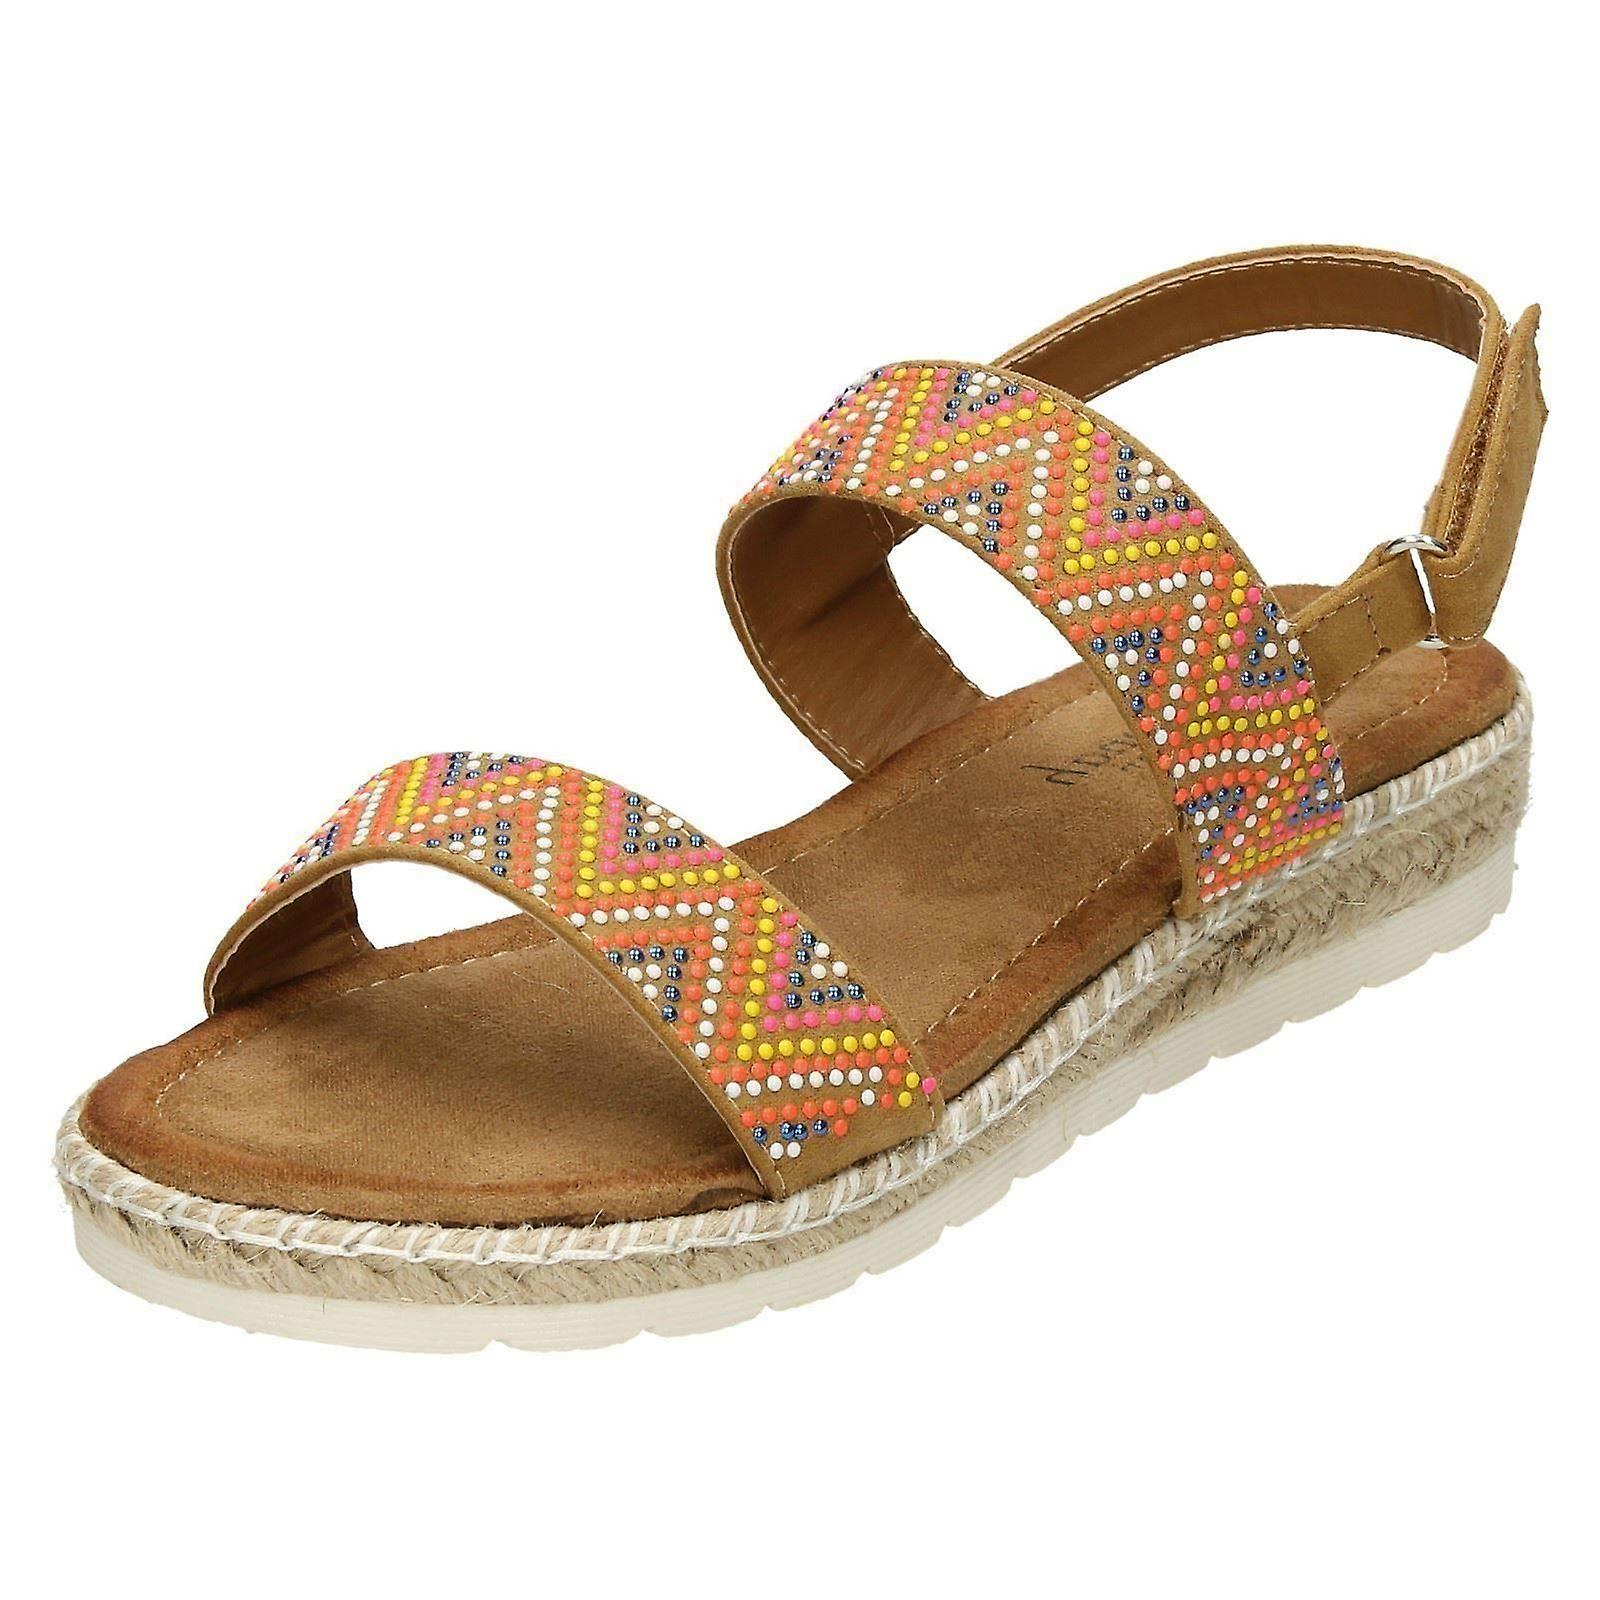 Panie Savannah kolorze wysadzane sandały - Tan włókienniczych - UK rozmiar 8 - UE rozmiar 41 - USA rozmiar 10 lfNsU